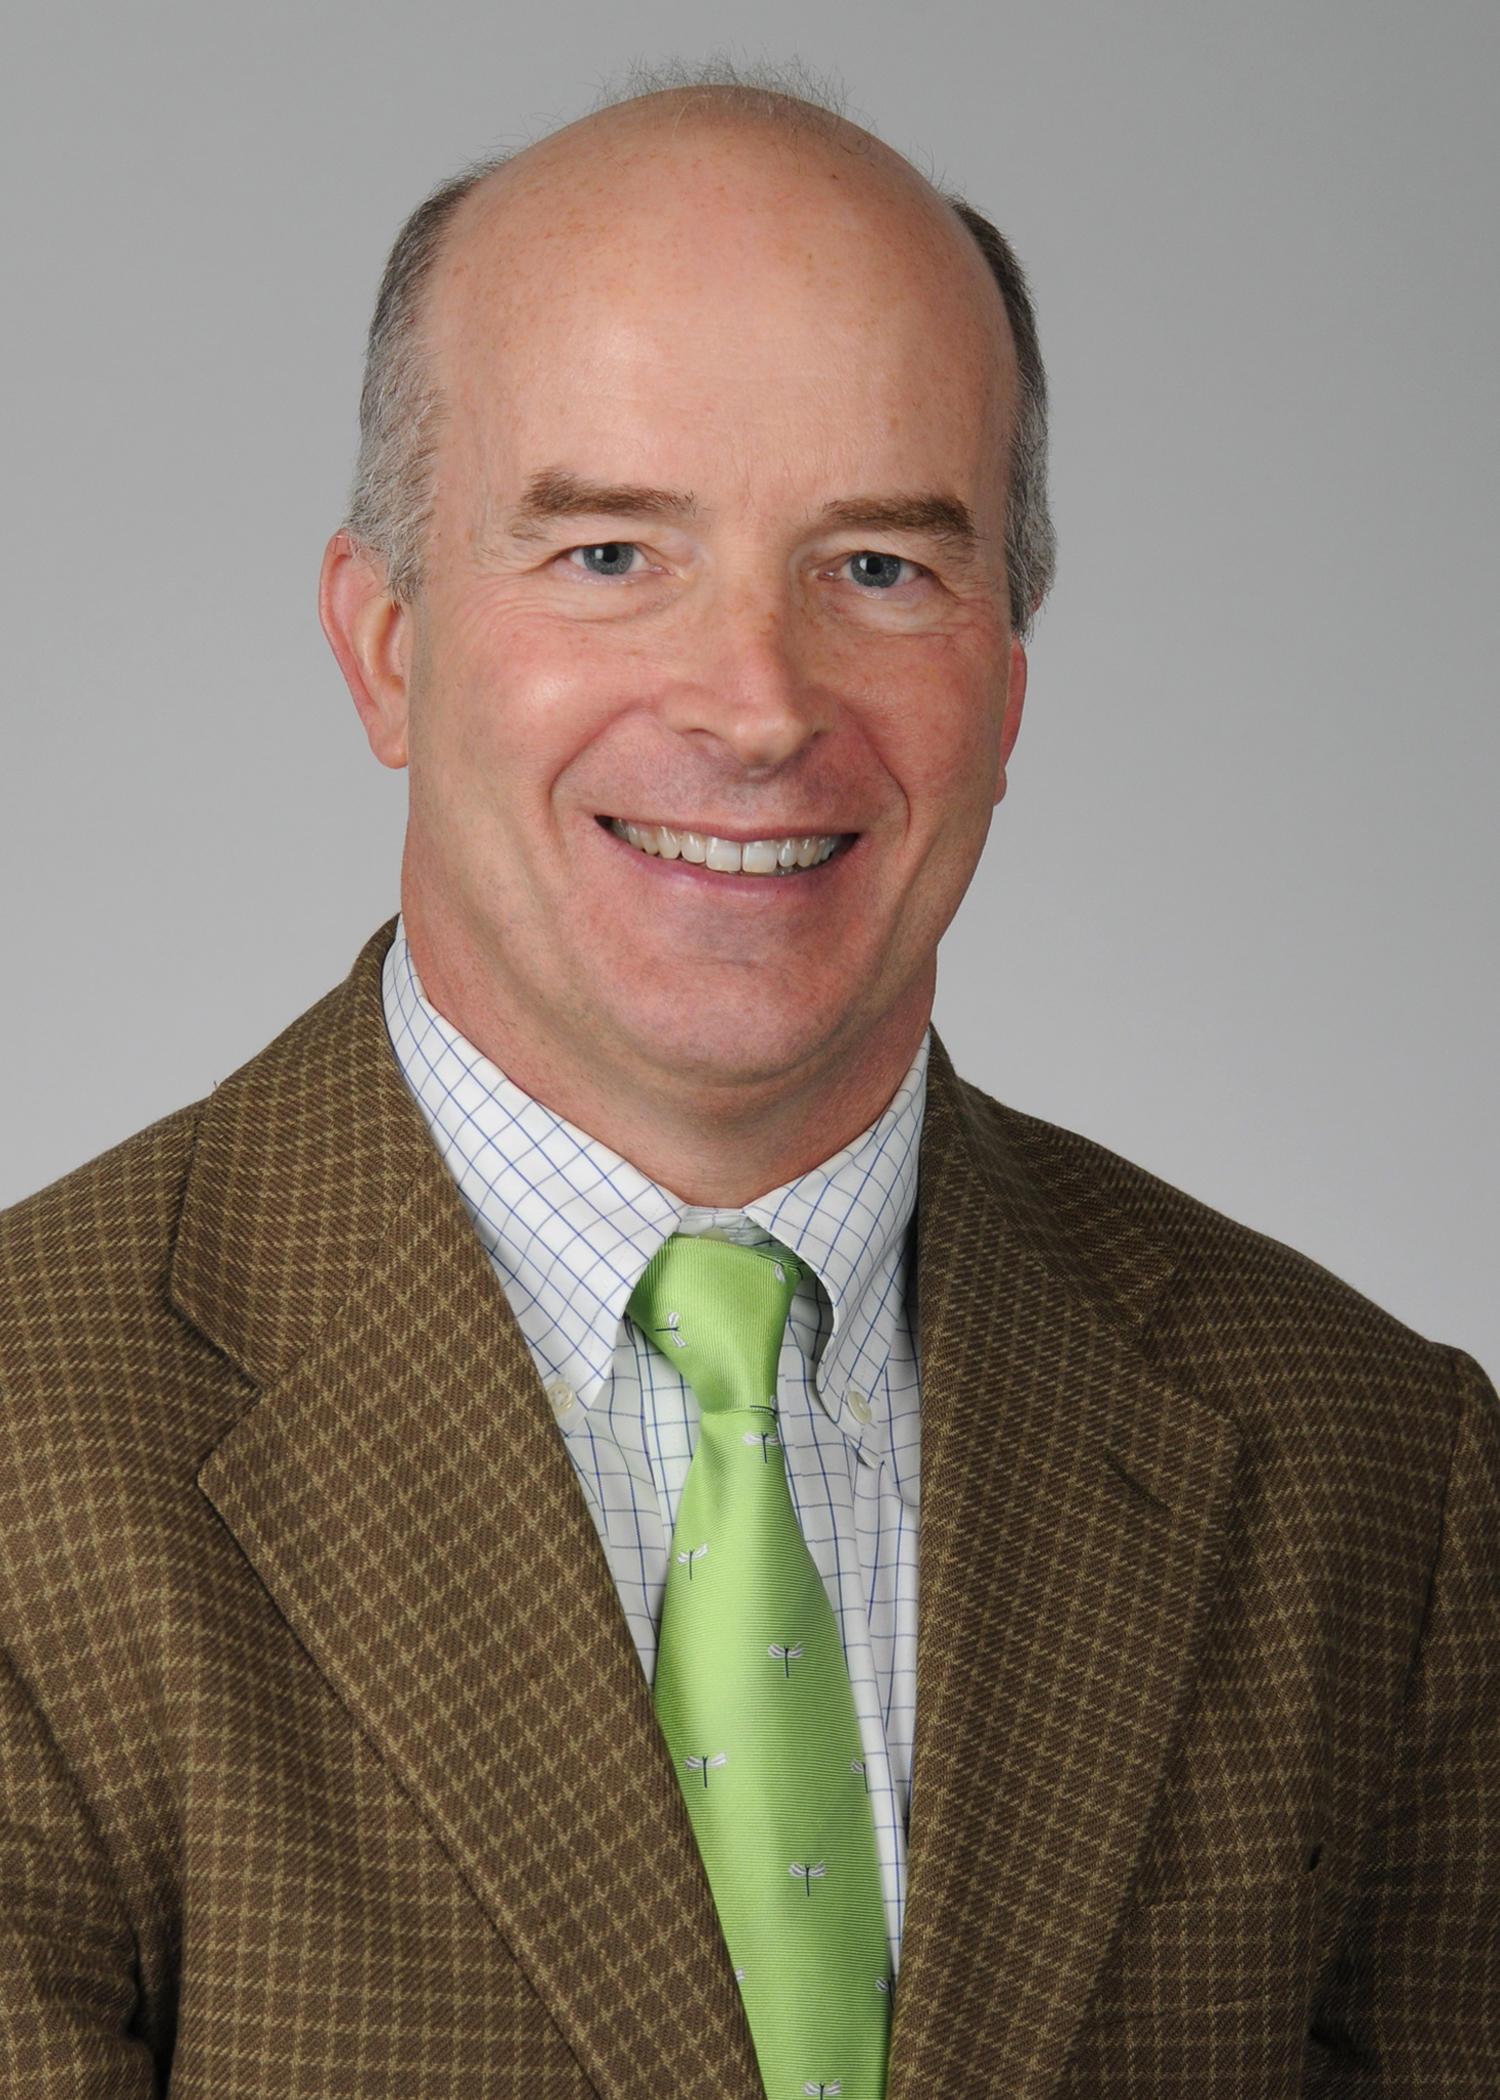 Edward Manigault Gilbreth, MD